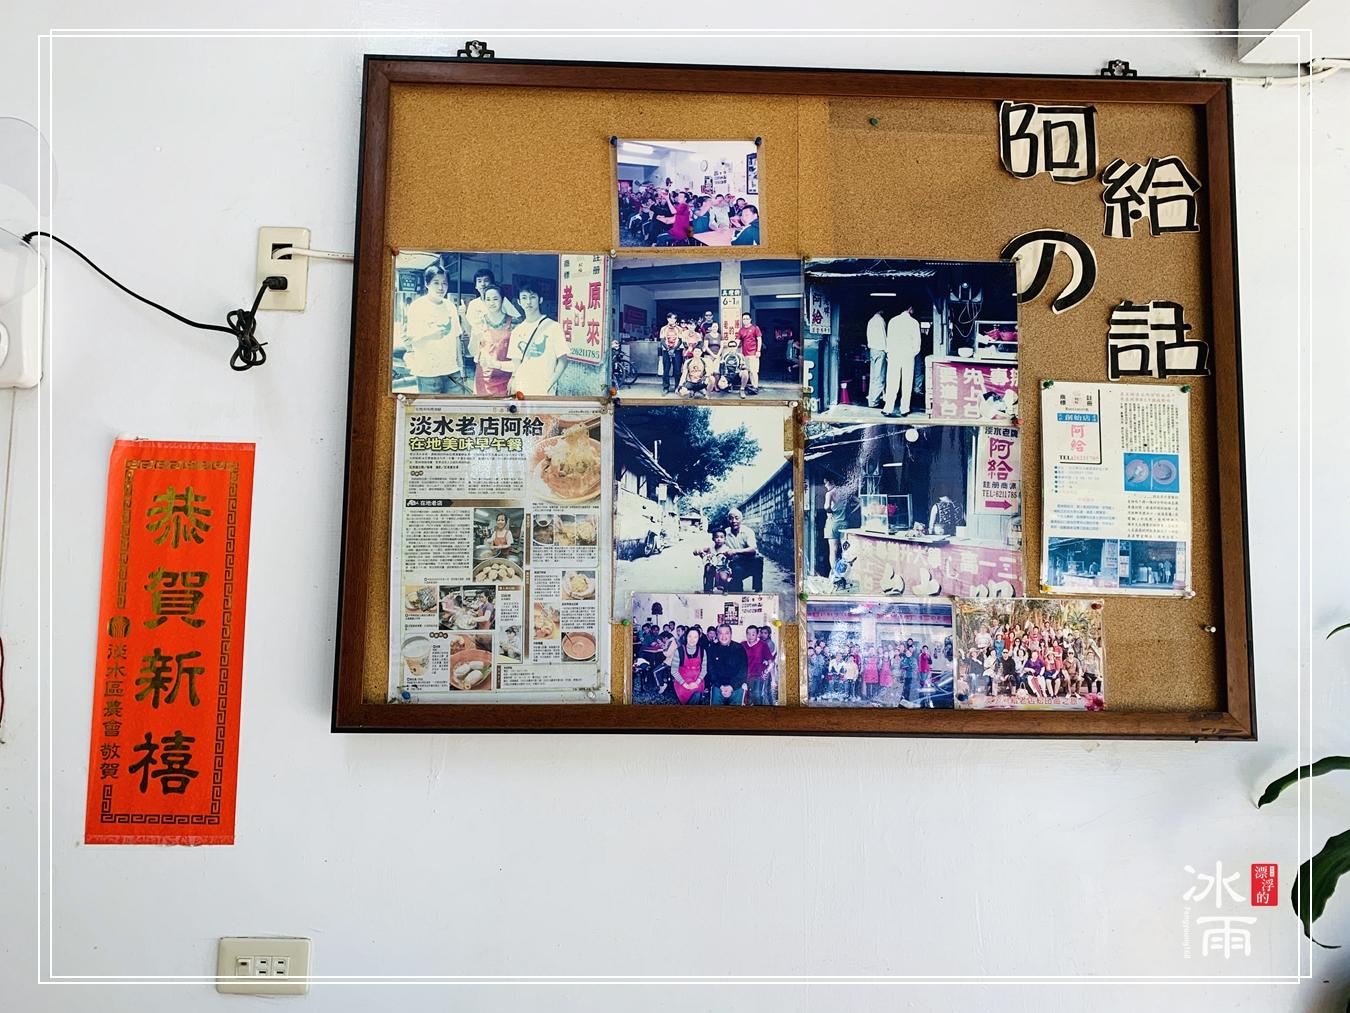 阿給店裡面的照片看板,已經許就未更新了!